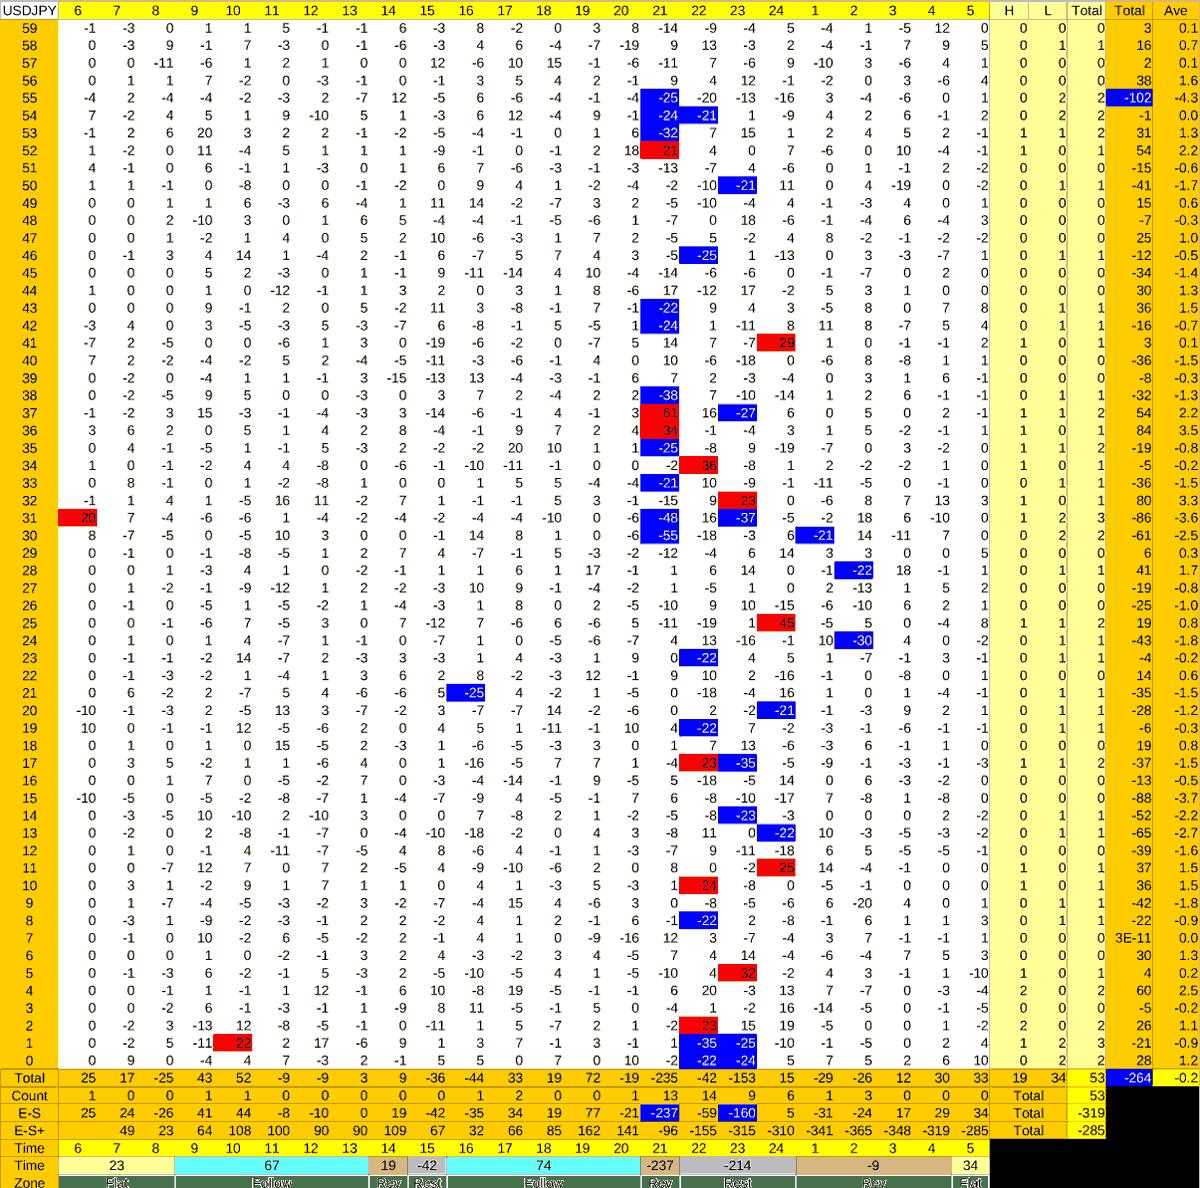 20210914_HS(1)USDJPY-min